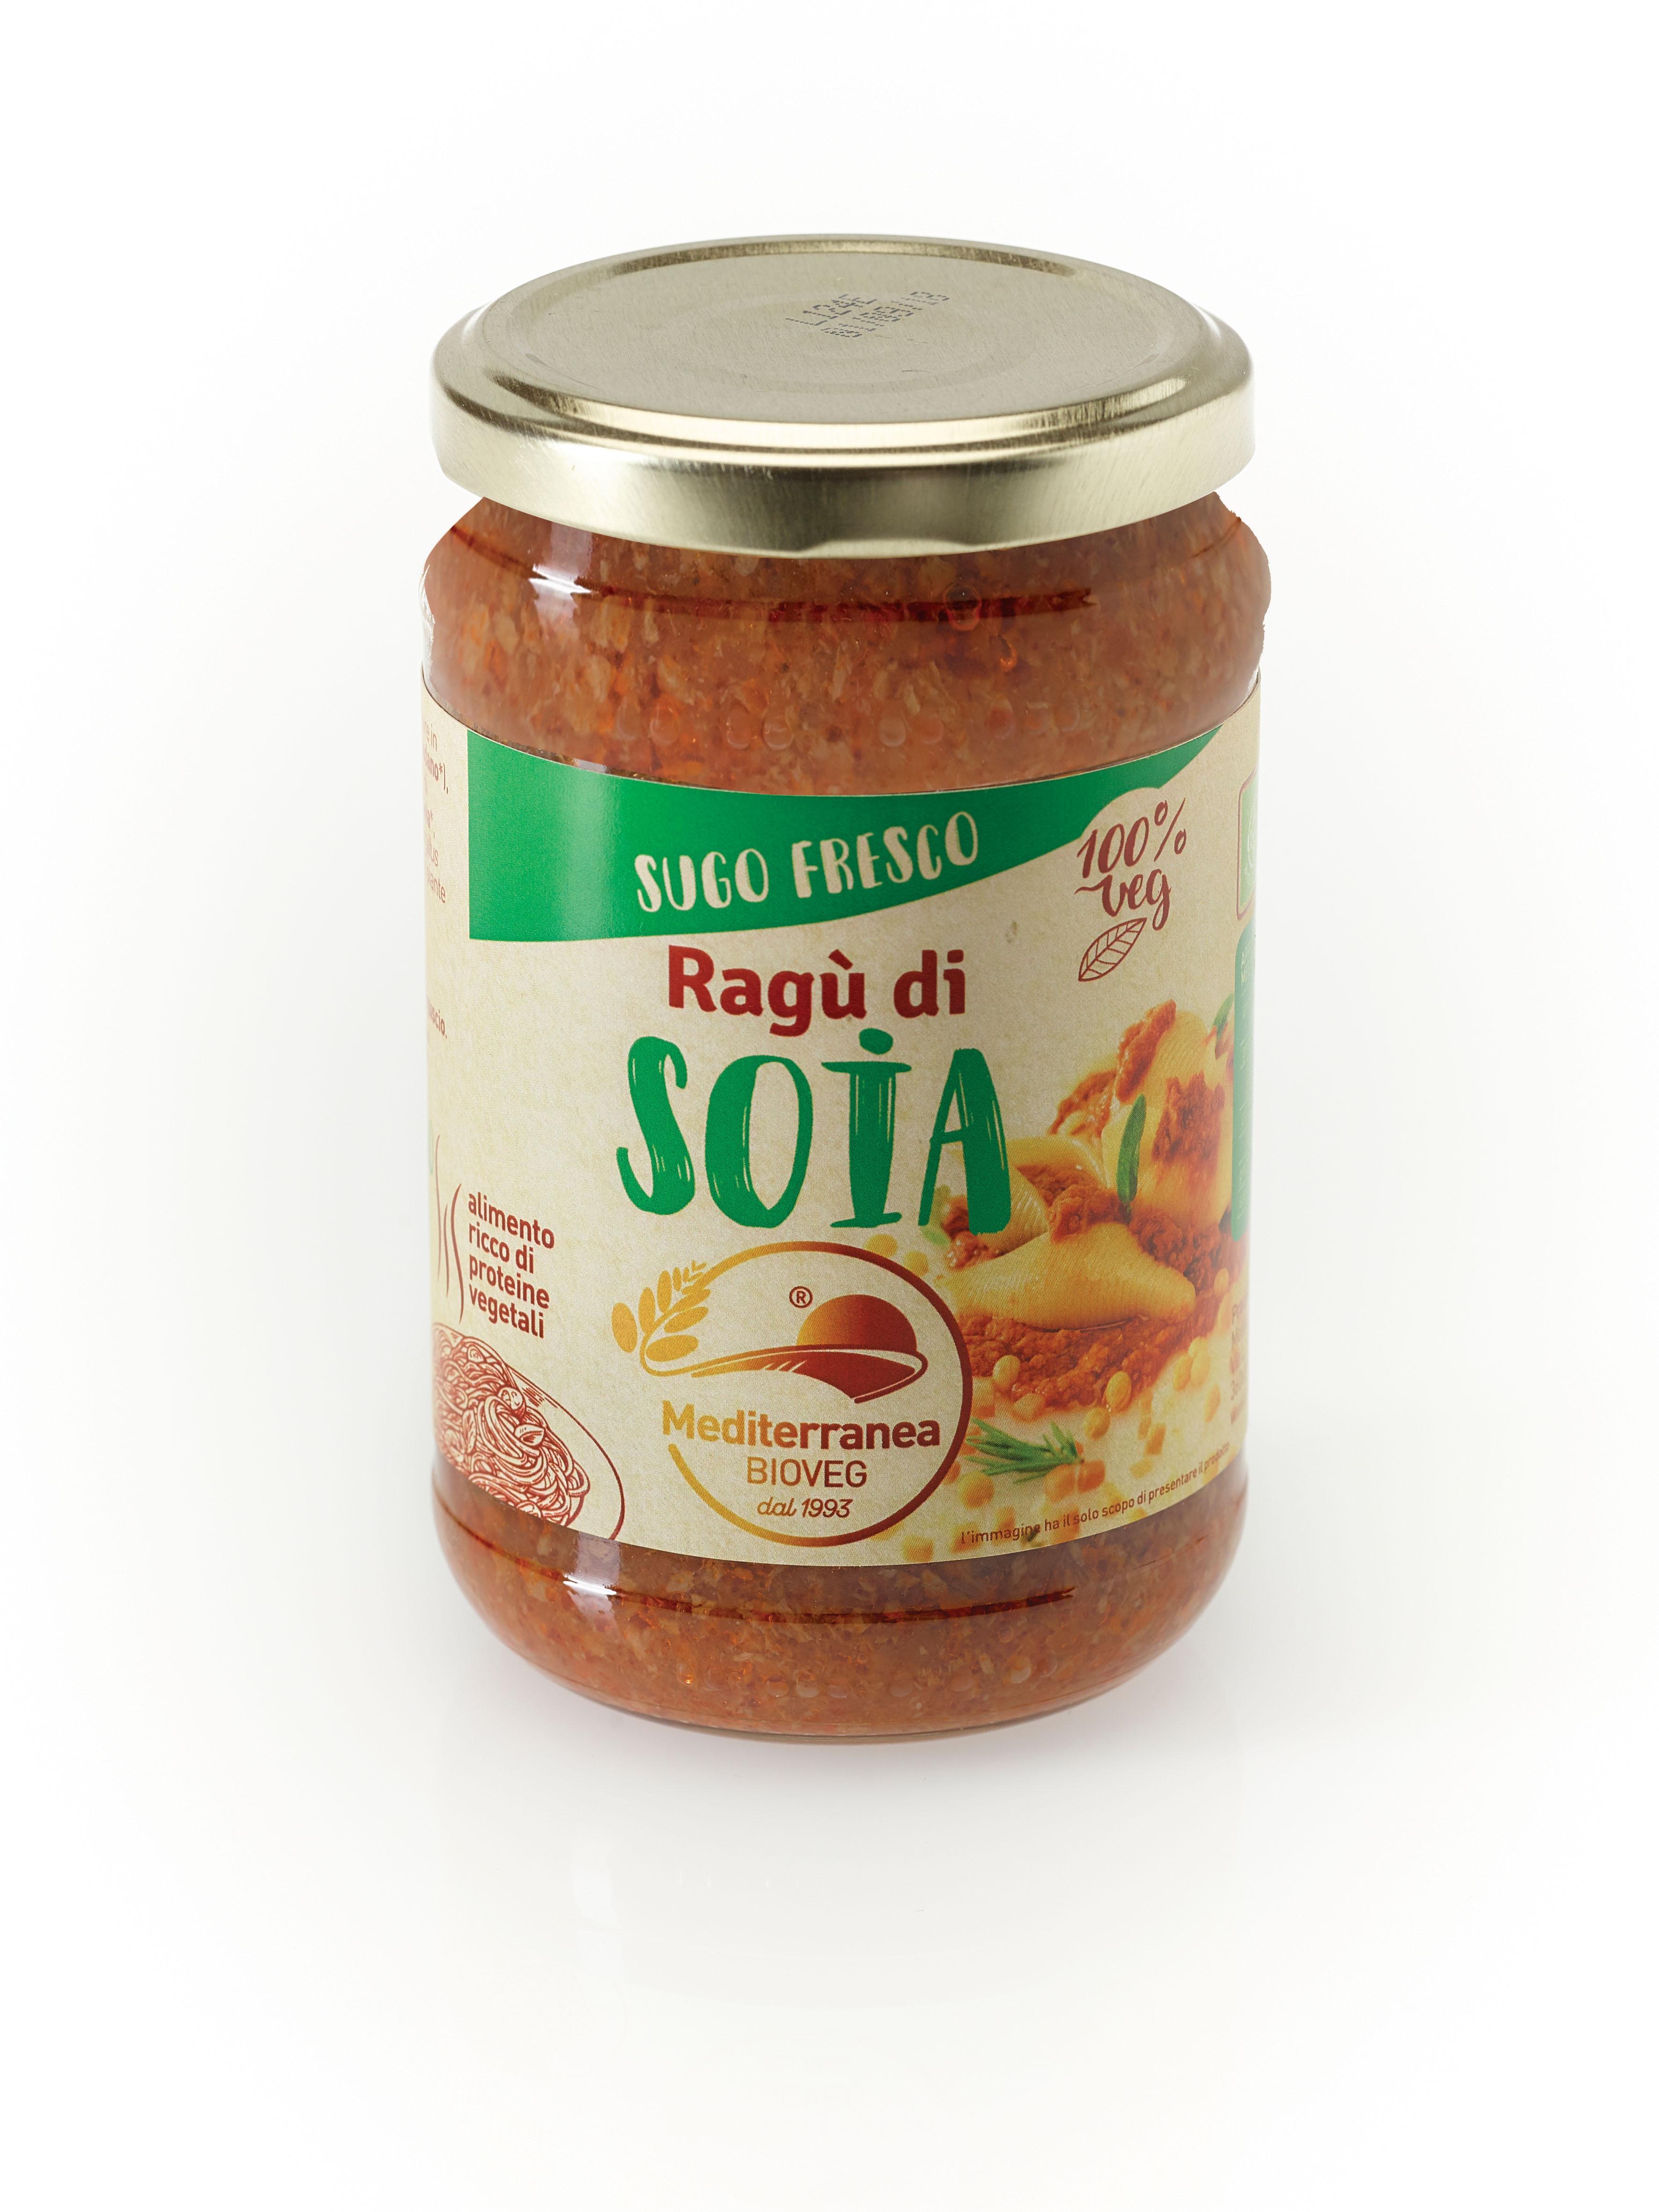 Ragù di soia sugo fresco